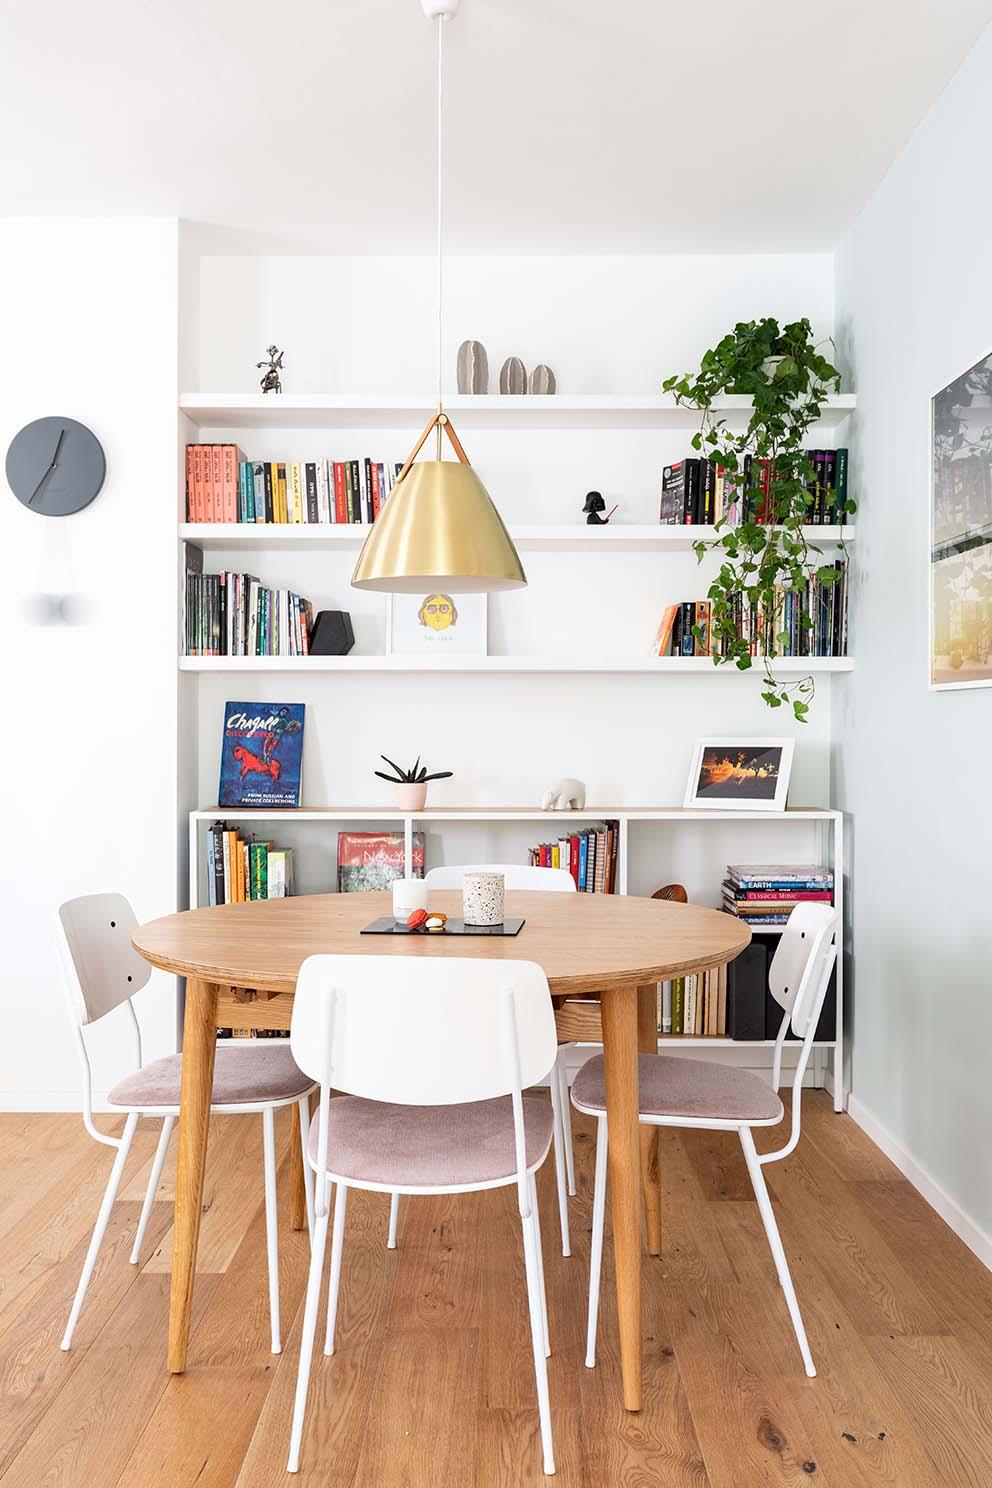 עיצוב: אוסי וגלי - תכנון, עיצוב והלבשת הבית, צילום: אורית ארנון, www.pnim.co.il